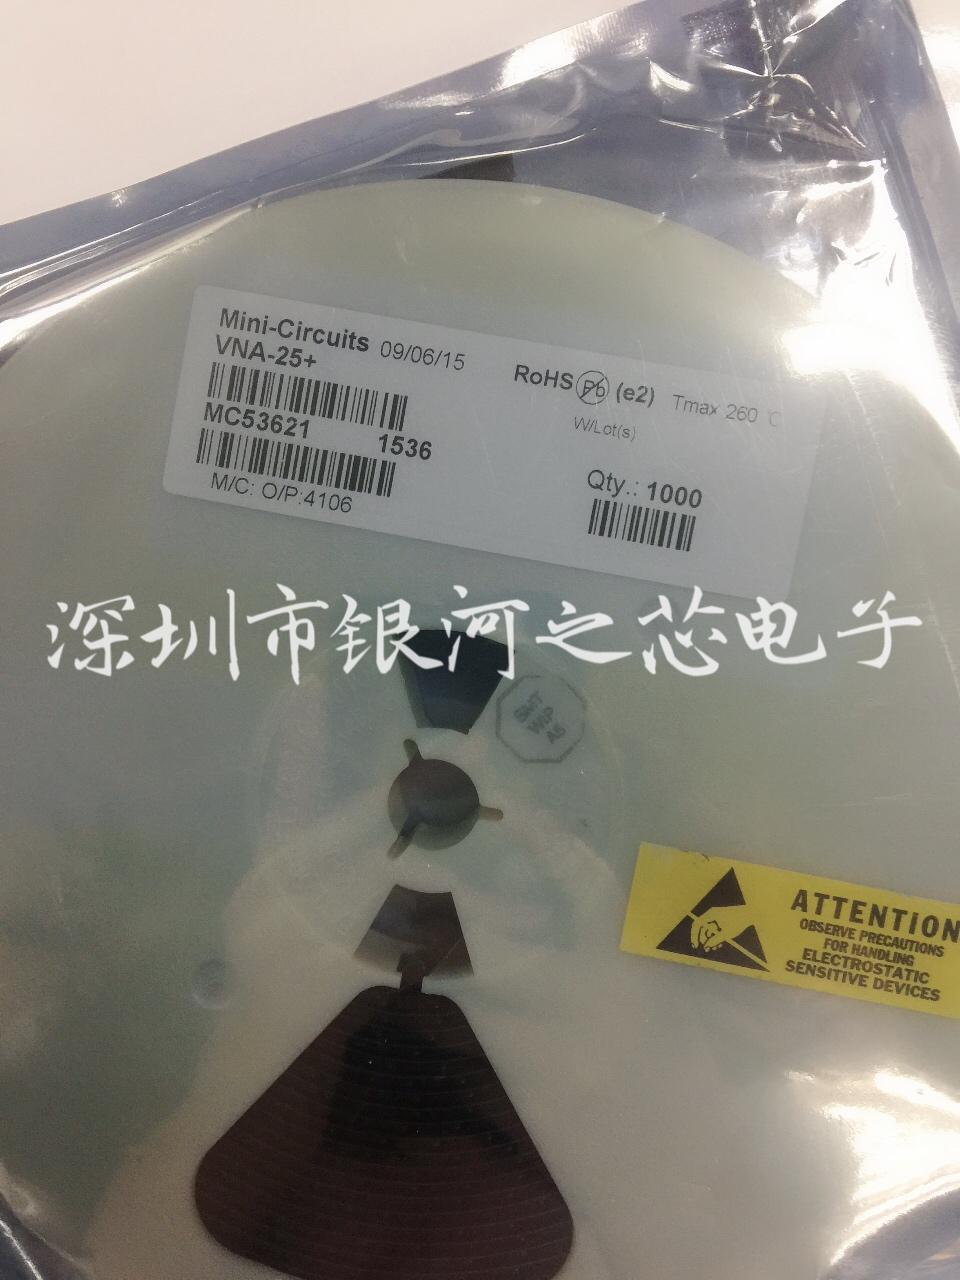 供应  SMT Gain Block, 500 - 2500 MHz, 50Ω VNA-25+